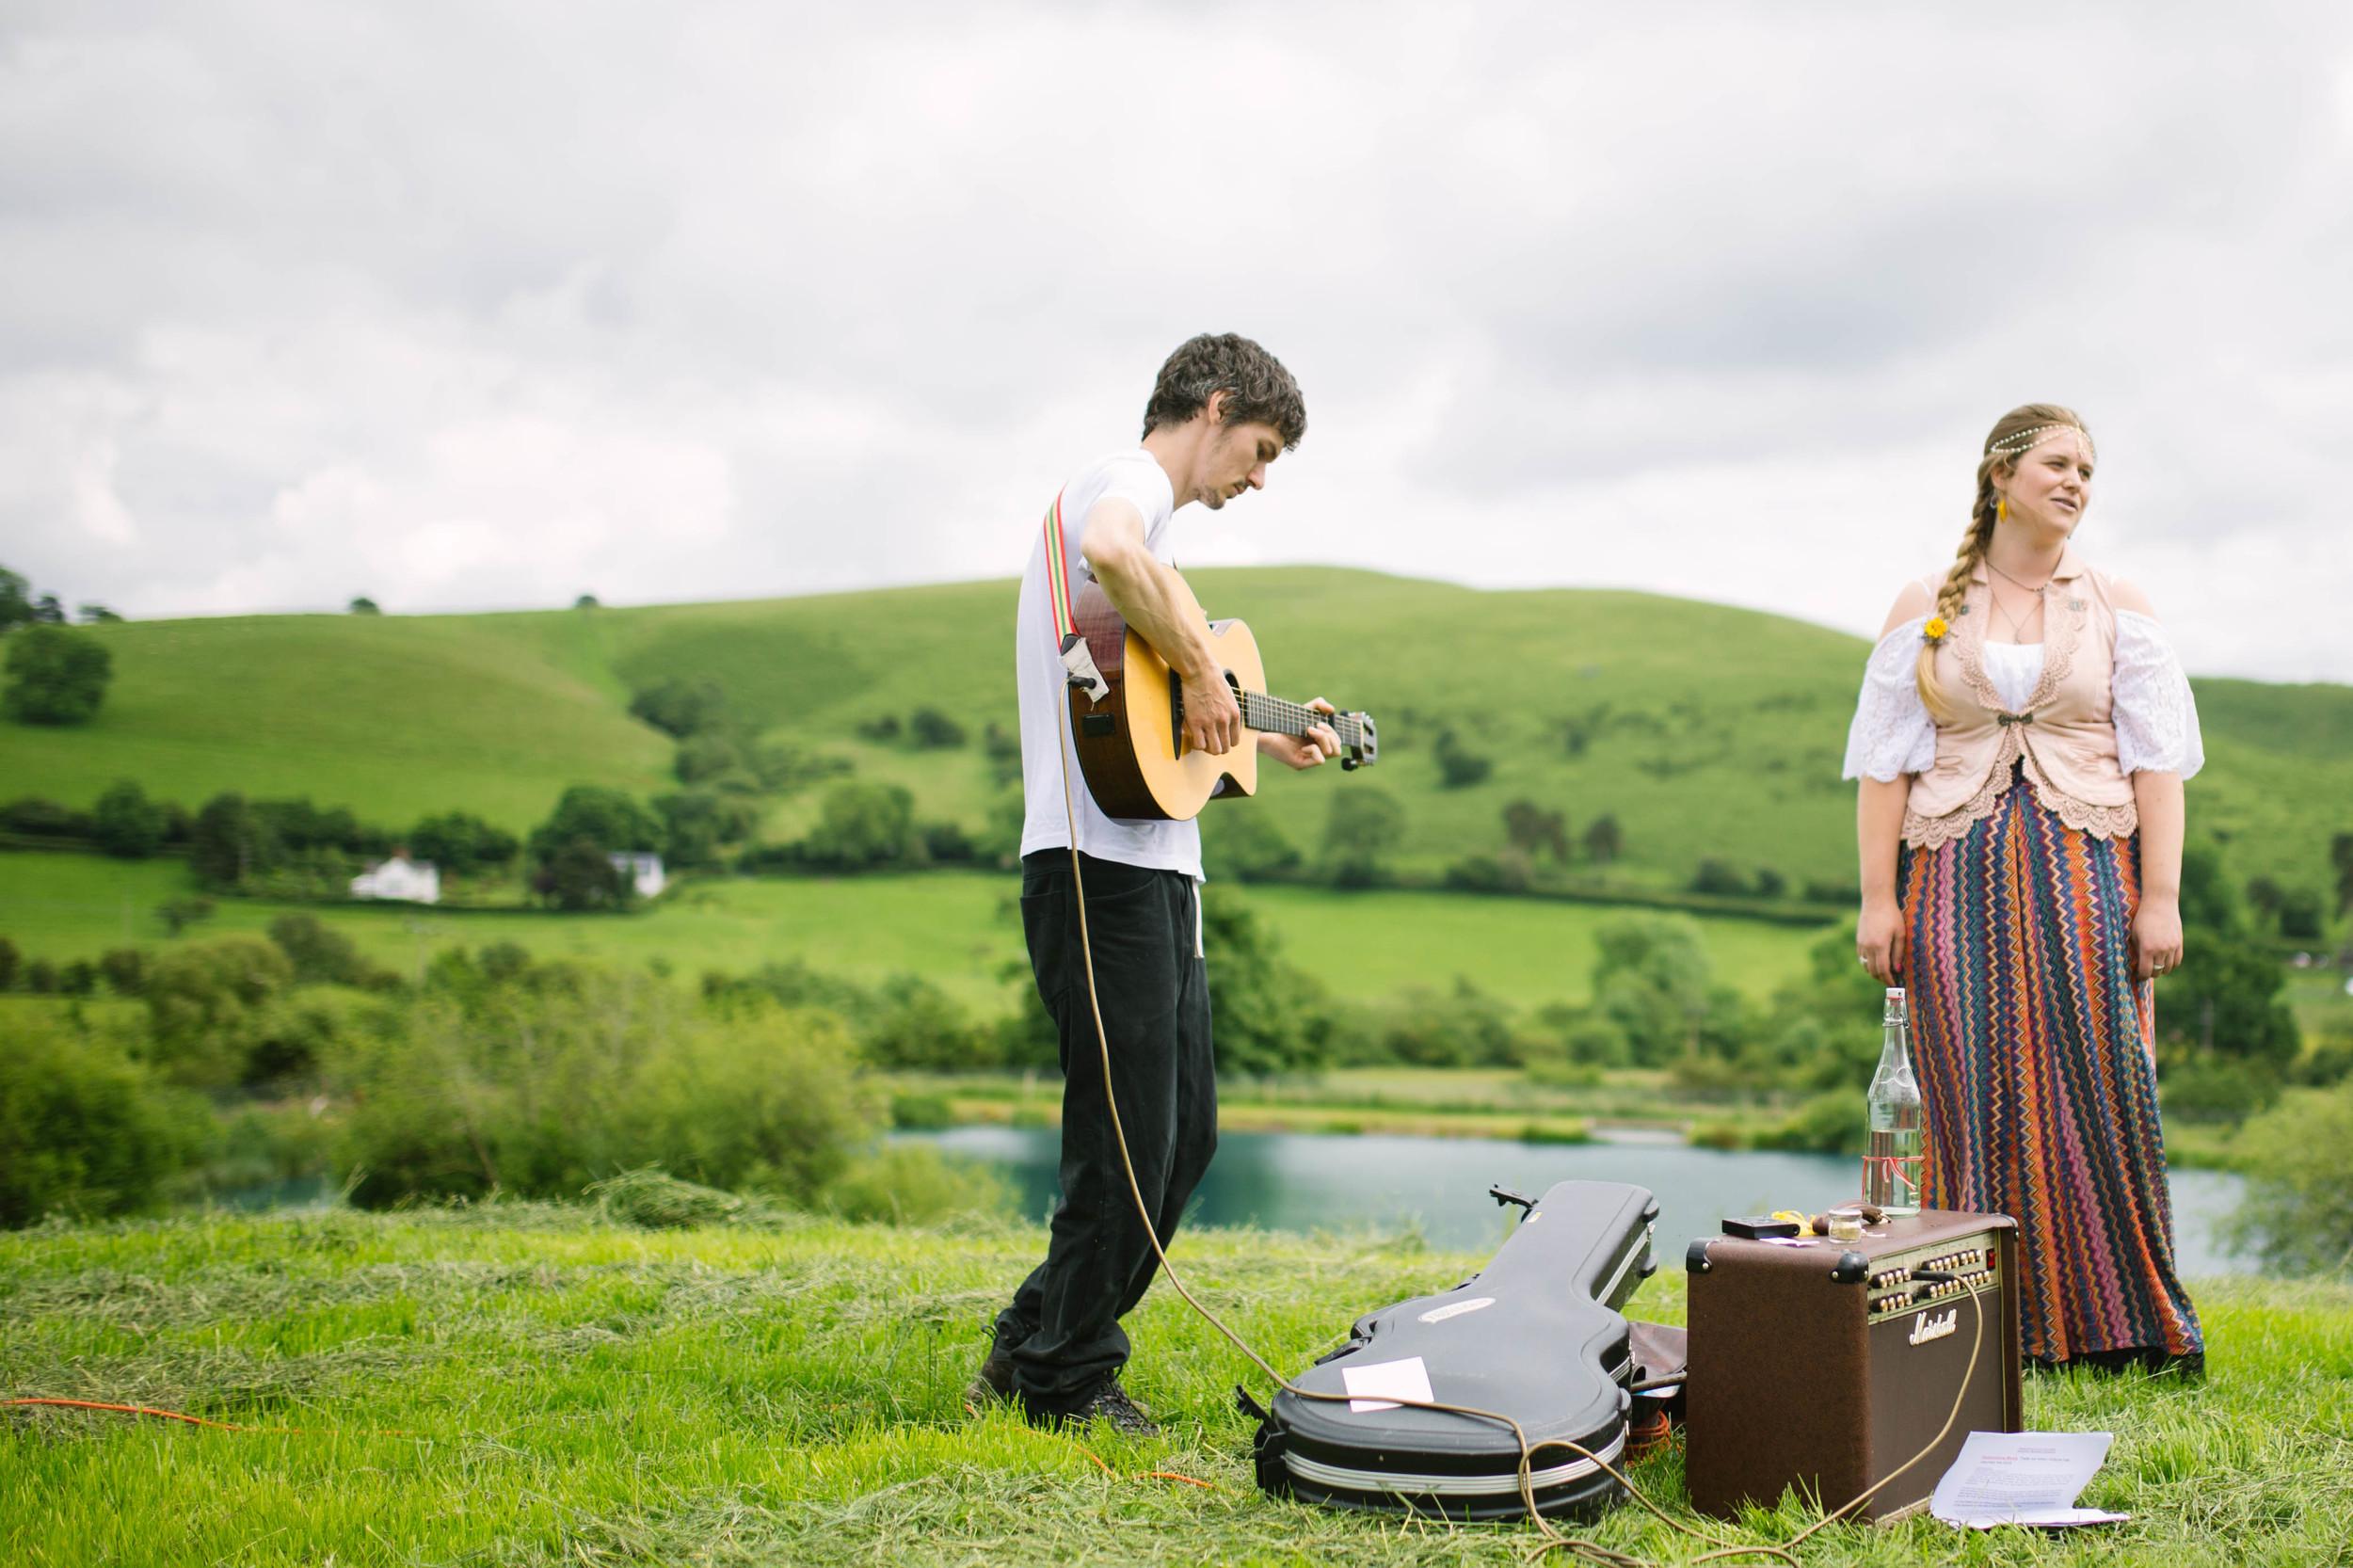 Festival wedding photography Shropshire UK Olivia Moon Photography